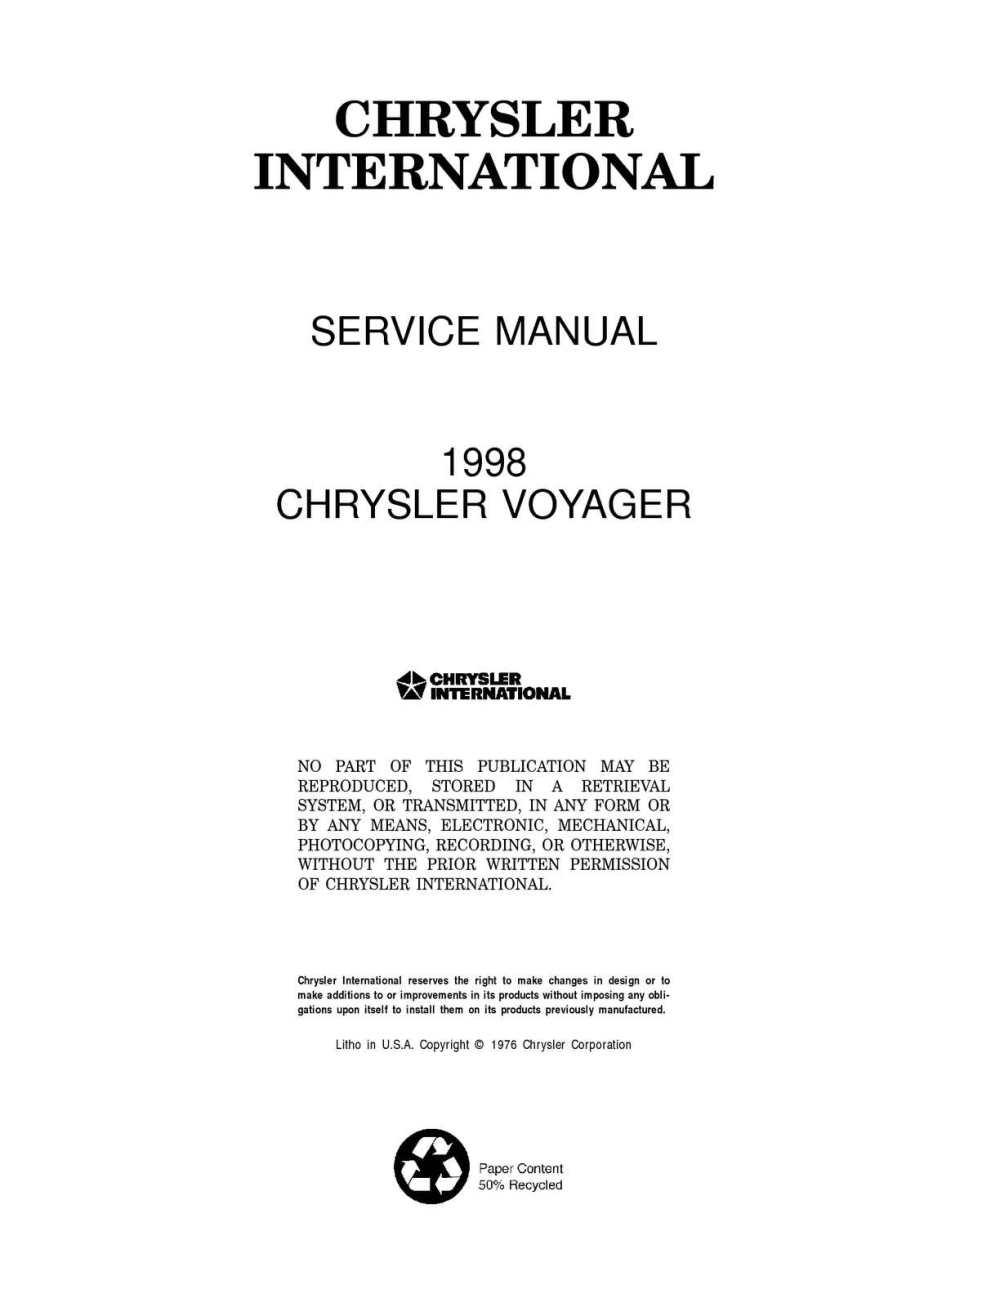 medium resolution of chrysler service manual